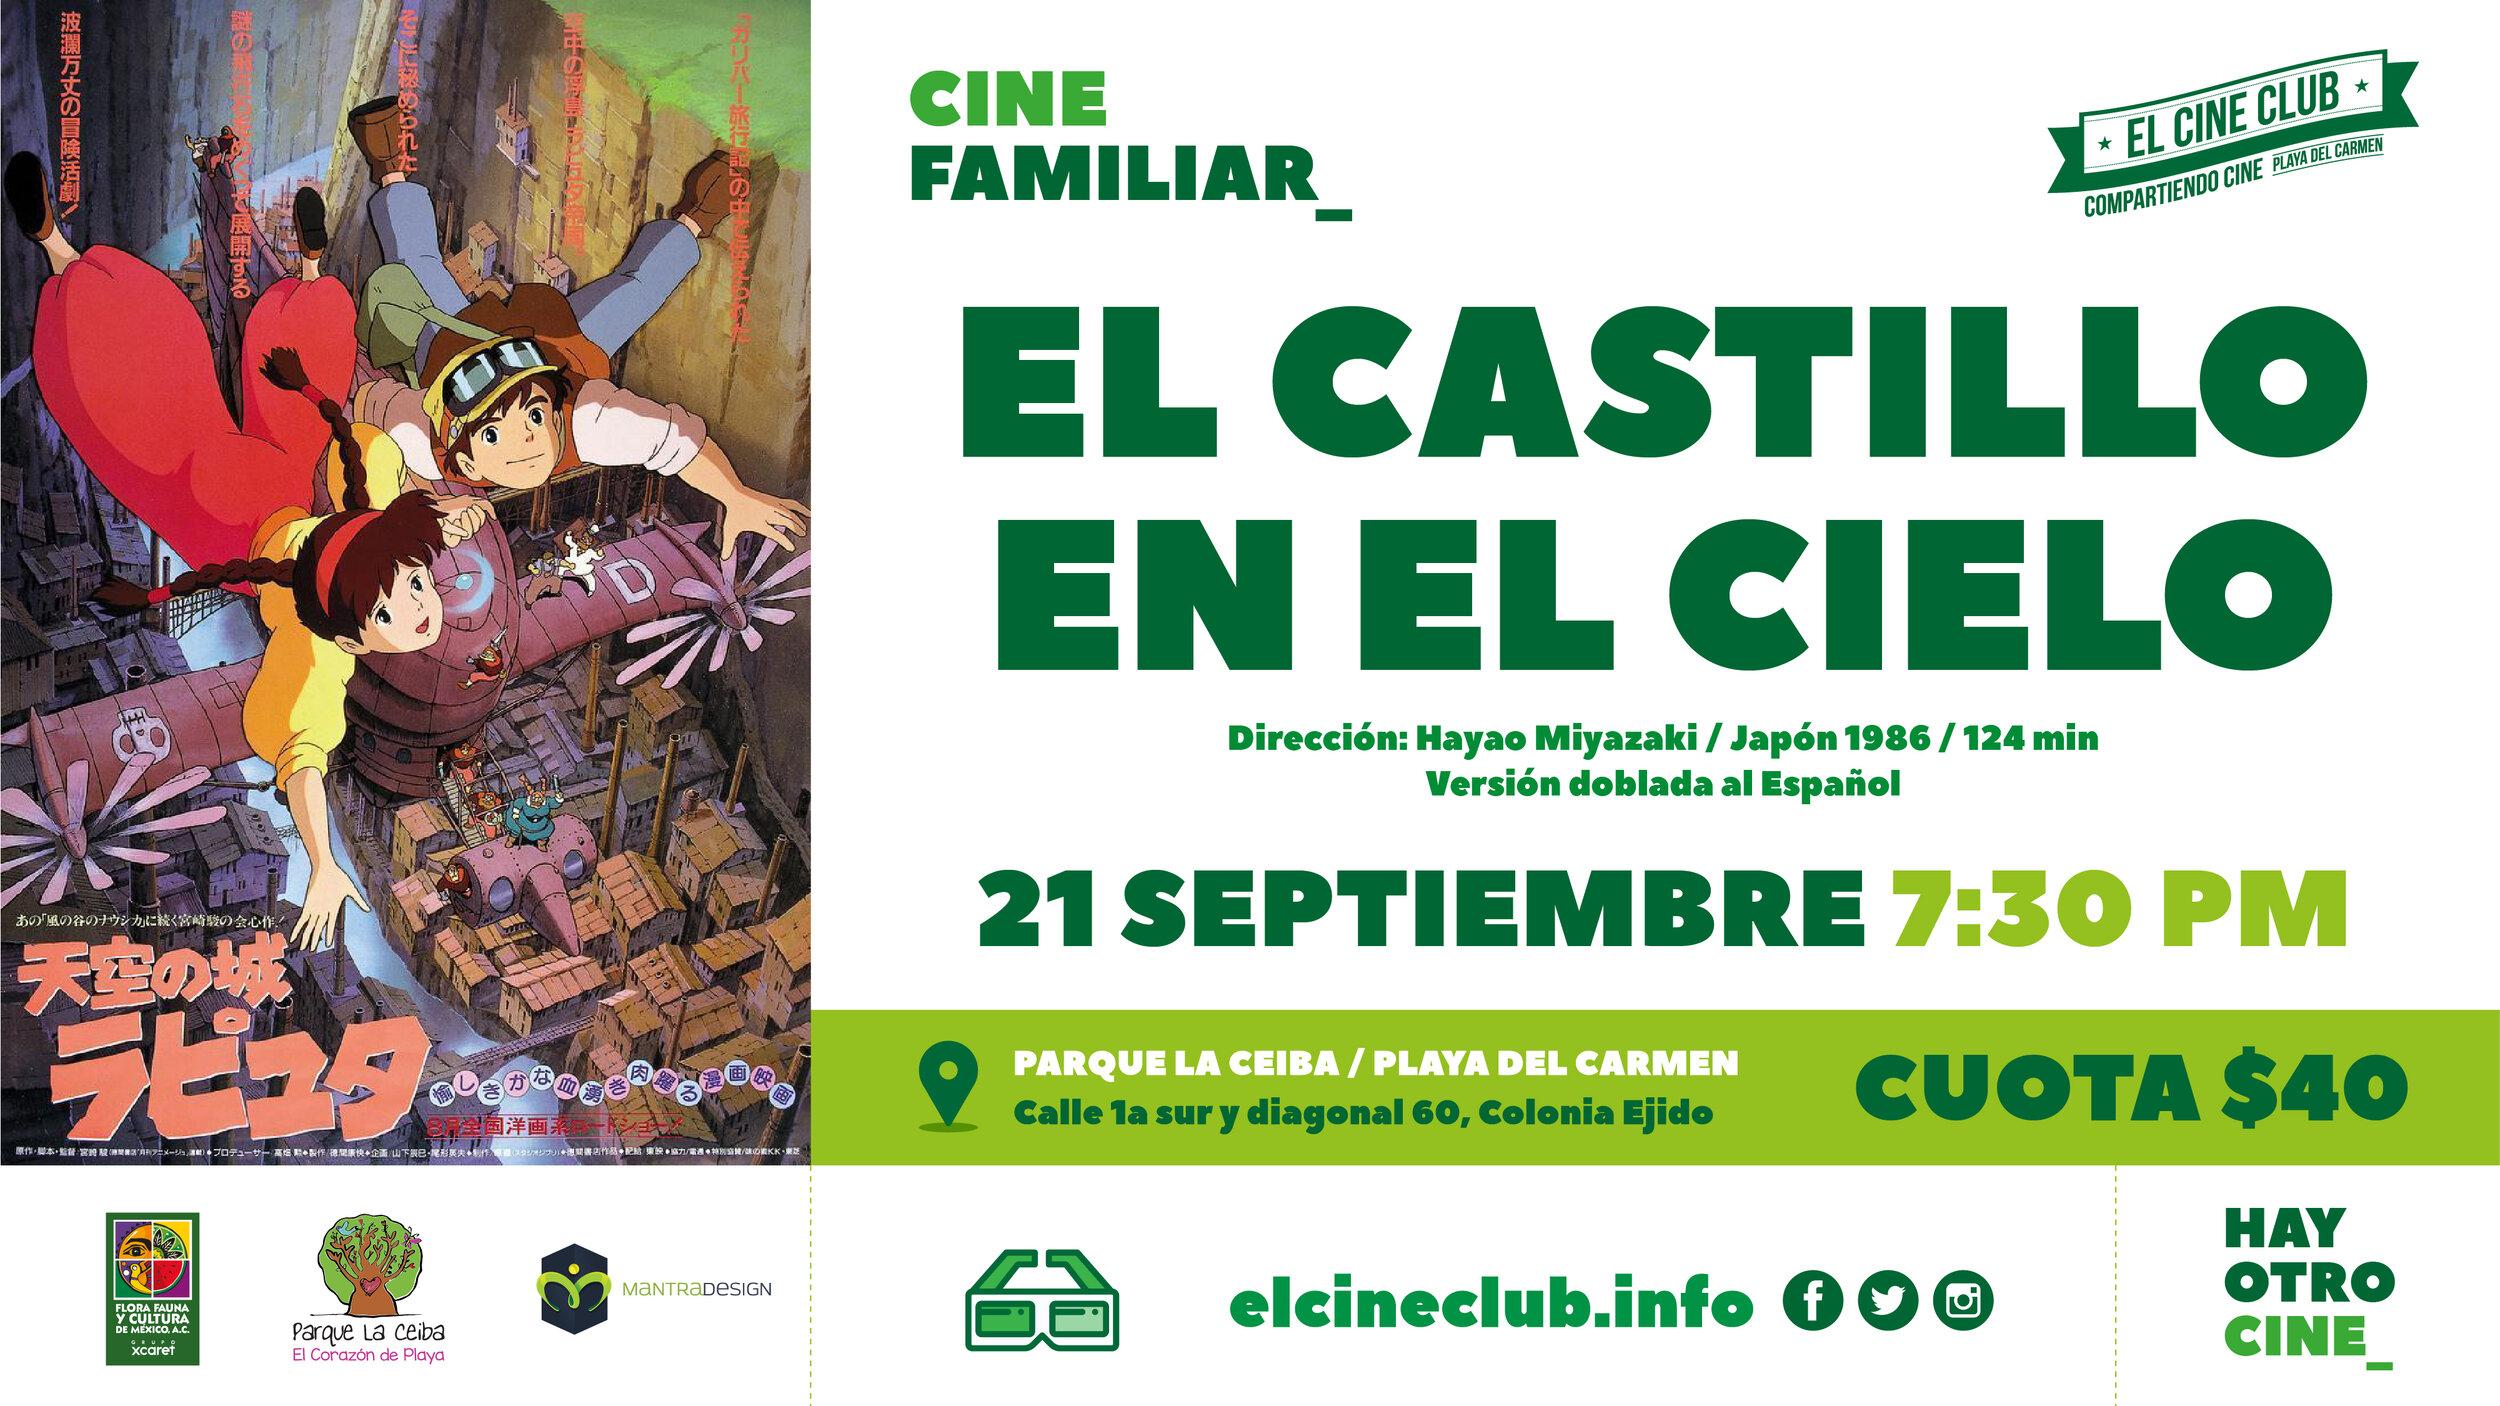 Castillo_Cielo_PLC-15.jpg